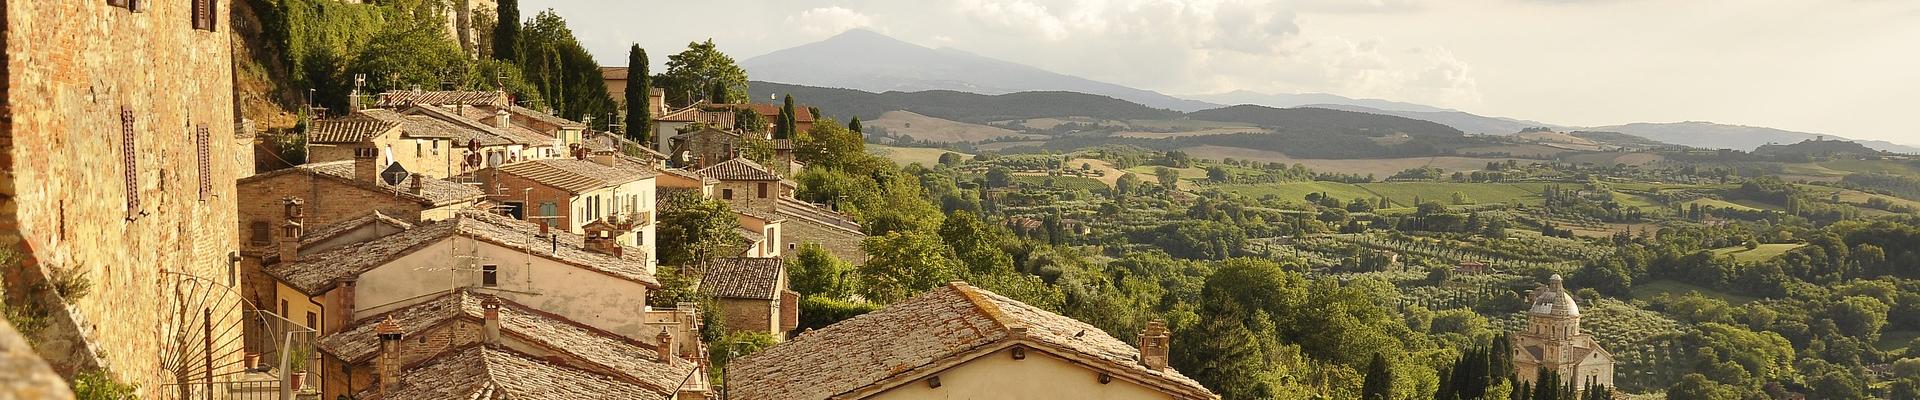 gemeinschaftlich Wohnen in Italien